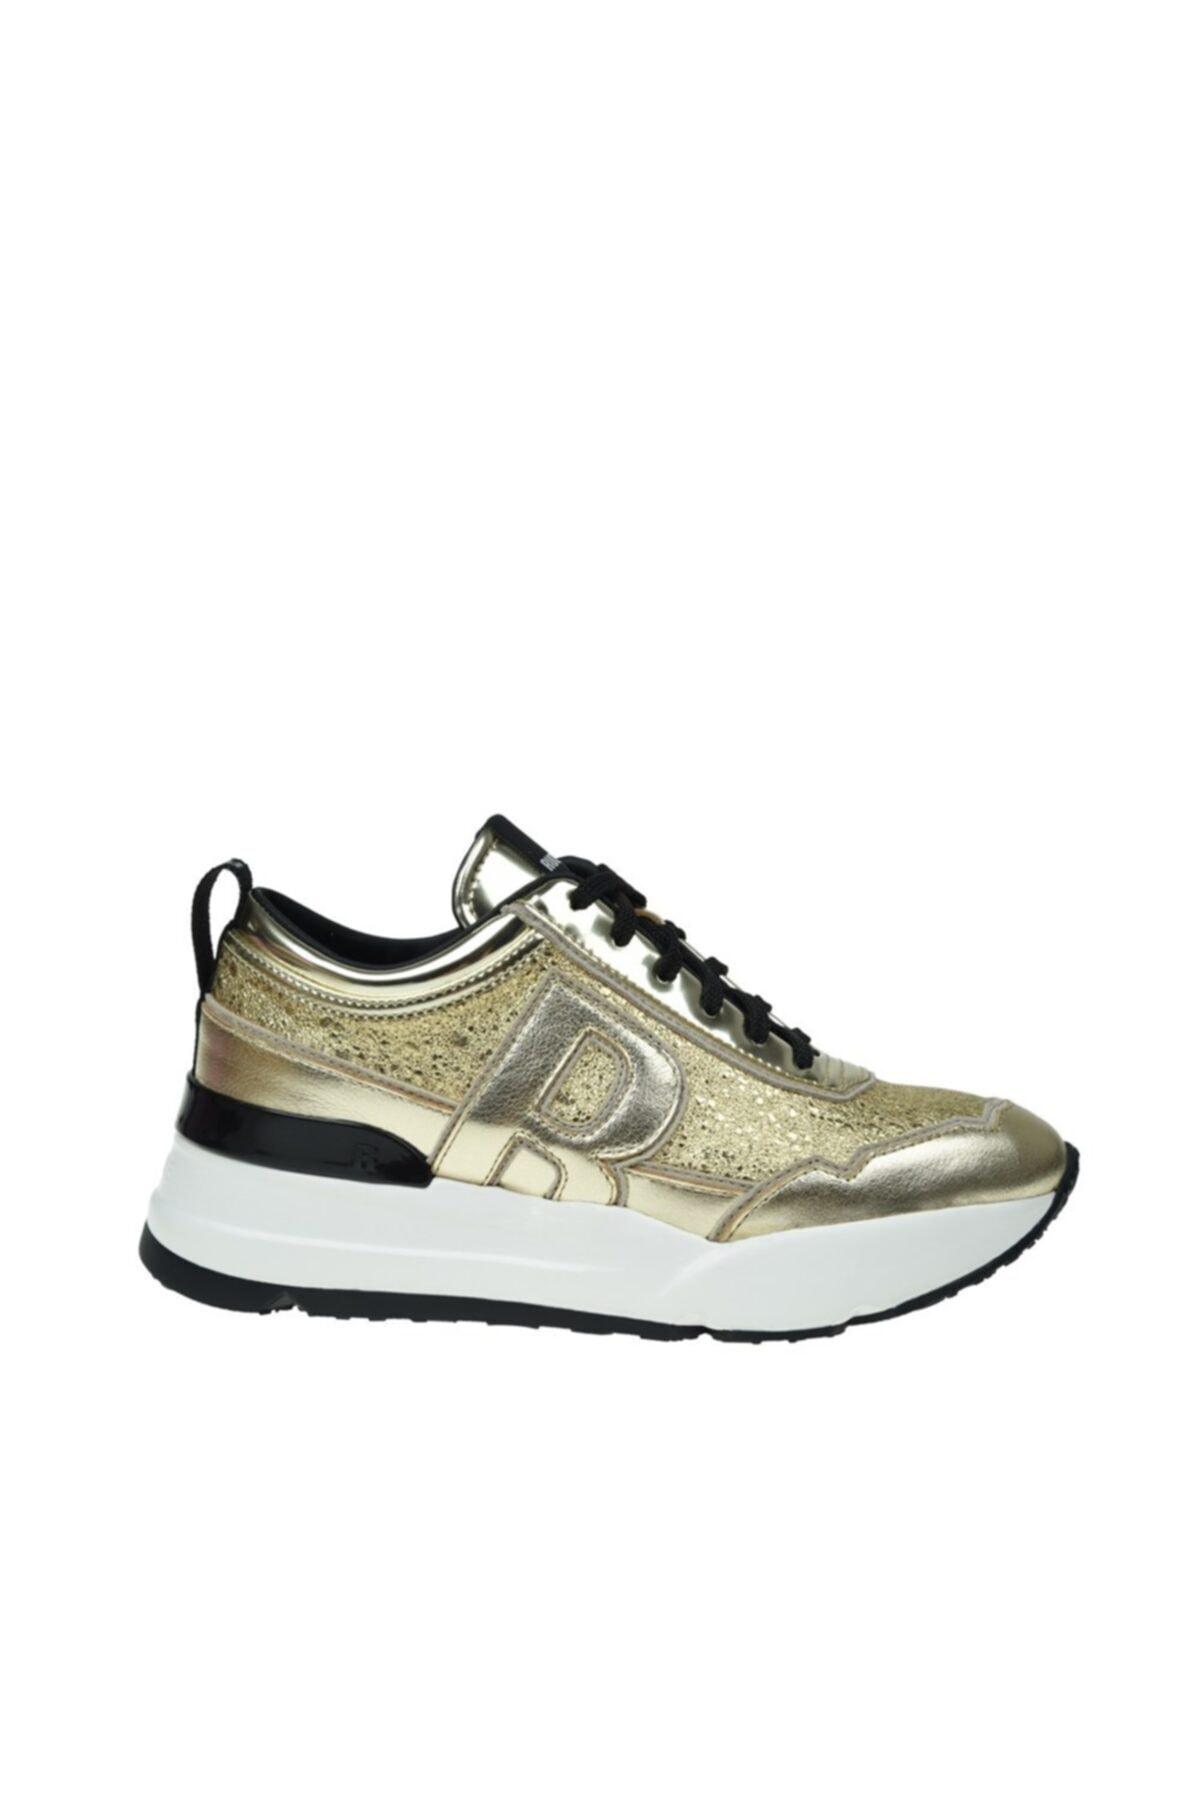 RUCO LİNE Kadın Spor Ayakkabı 4041 Rucolıne 1